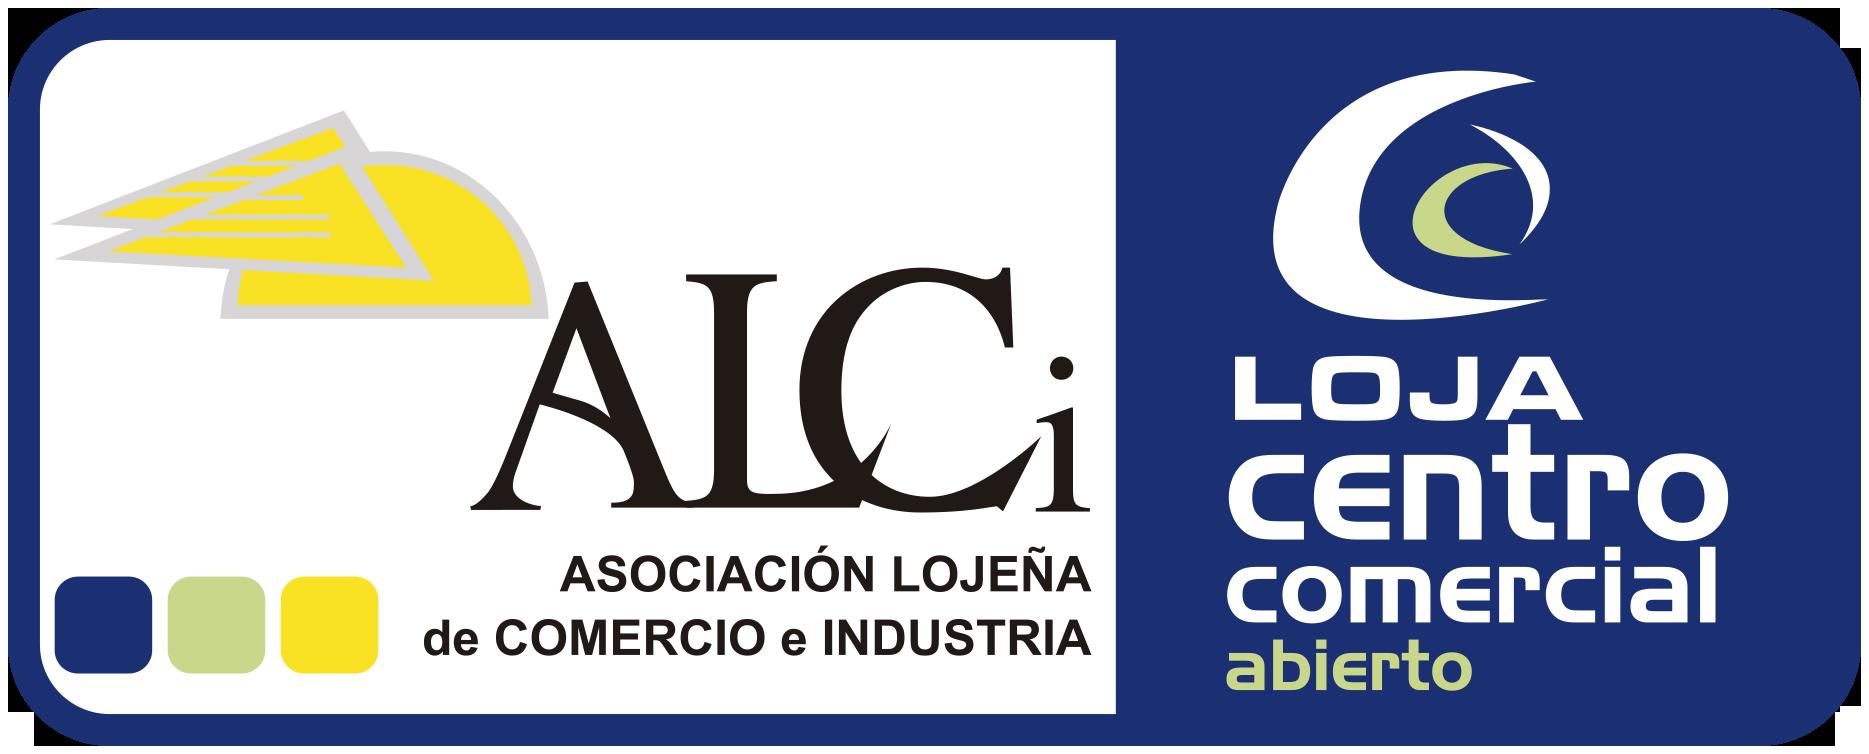 Logotipo Asociación Lojeña de Comercio e Industria